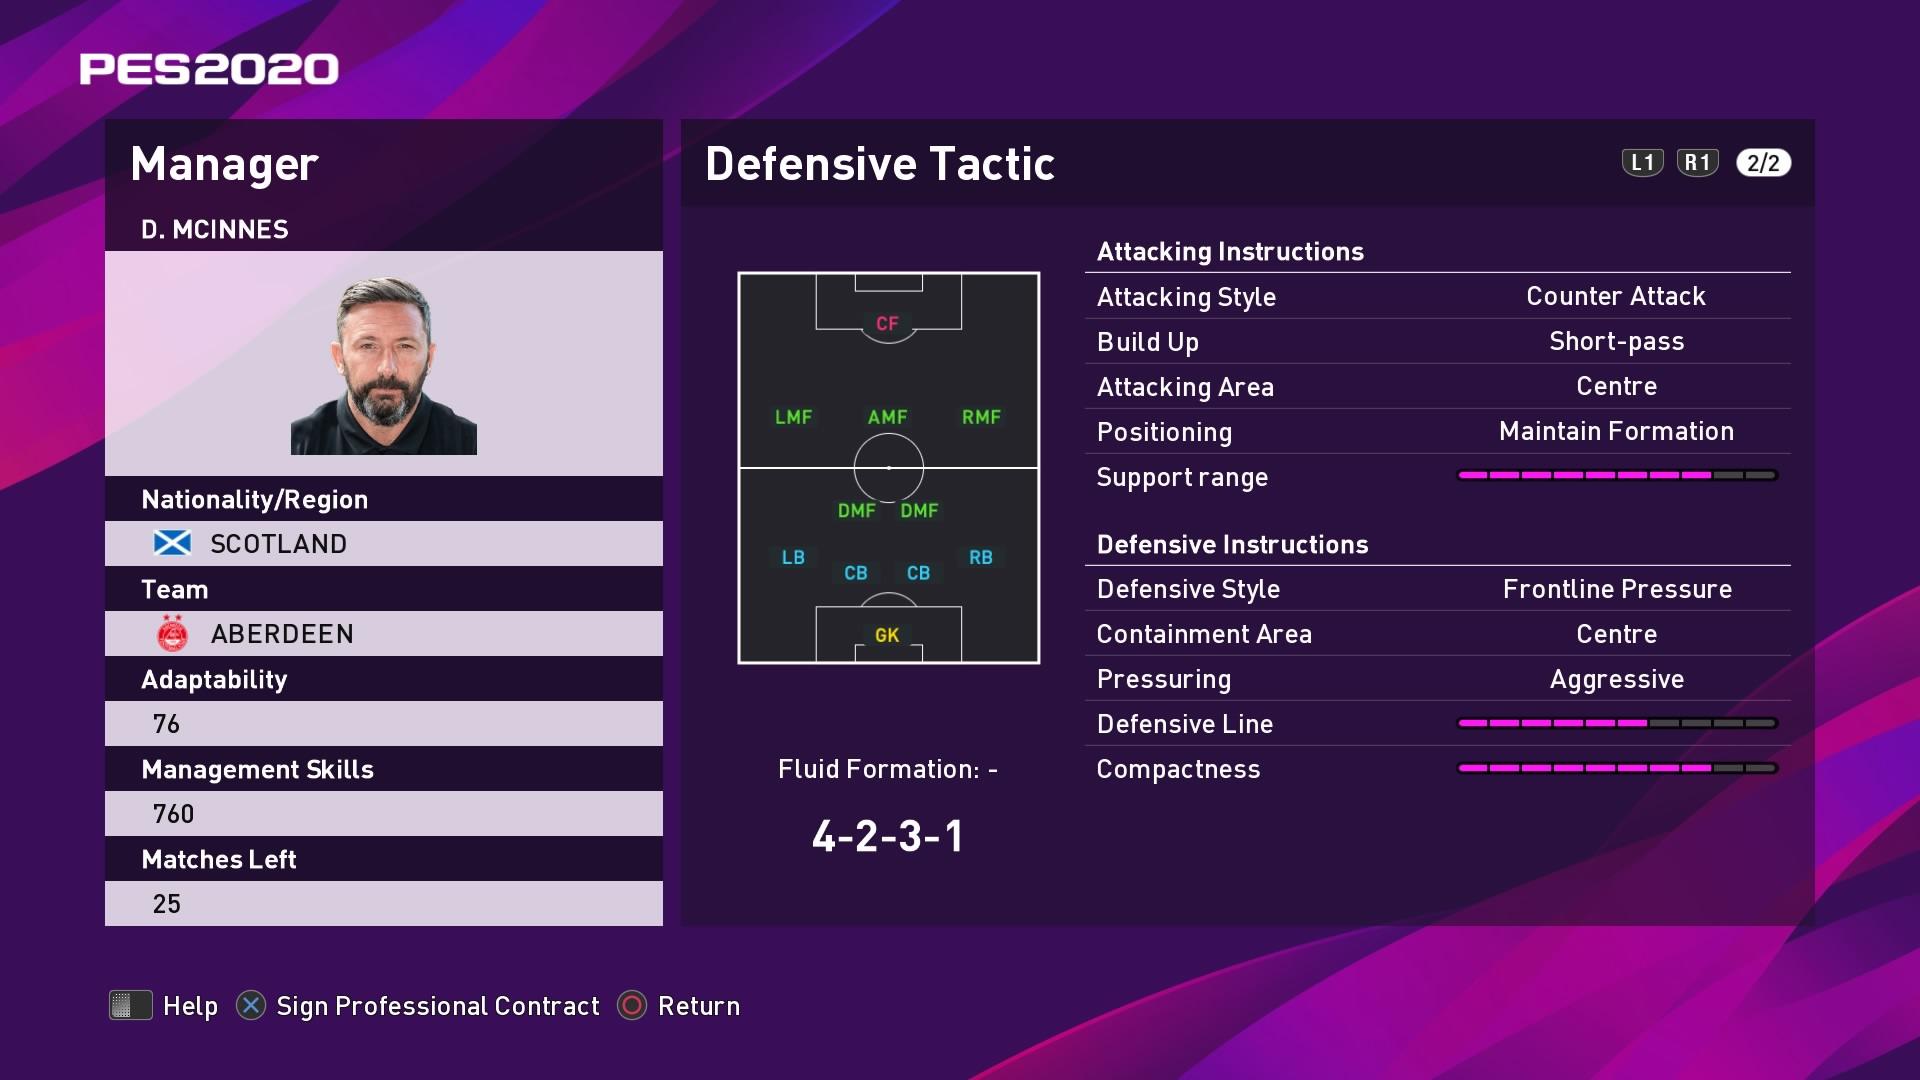 D. McInnes (Derek McInnes) Defensive Tactic in PES 2020 myClub